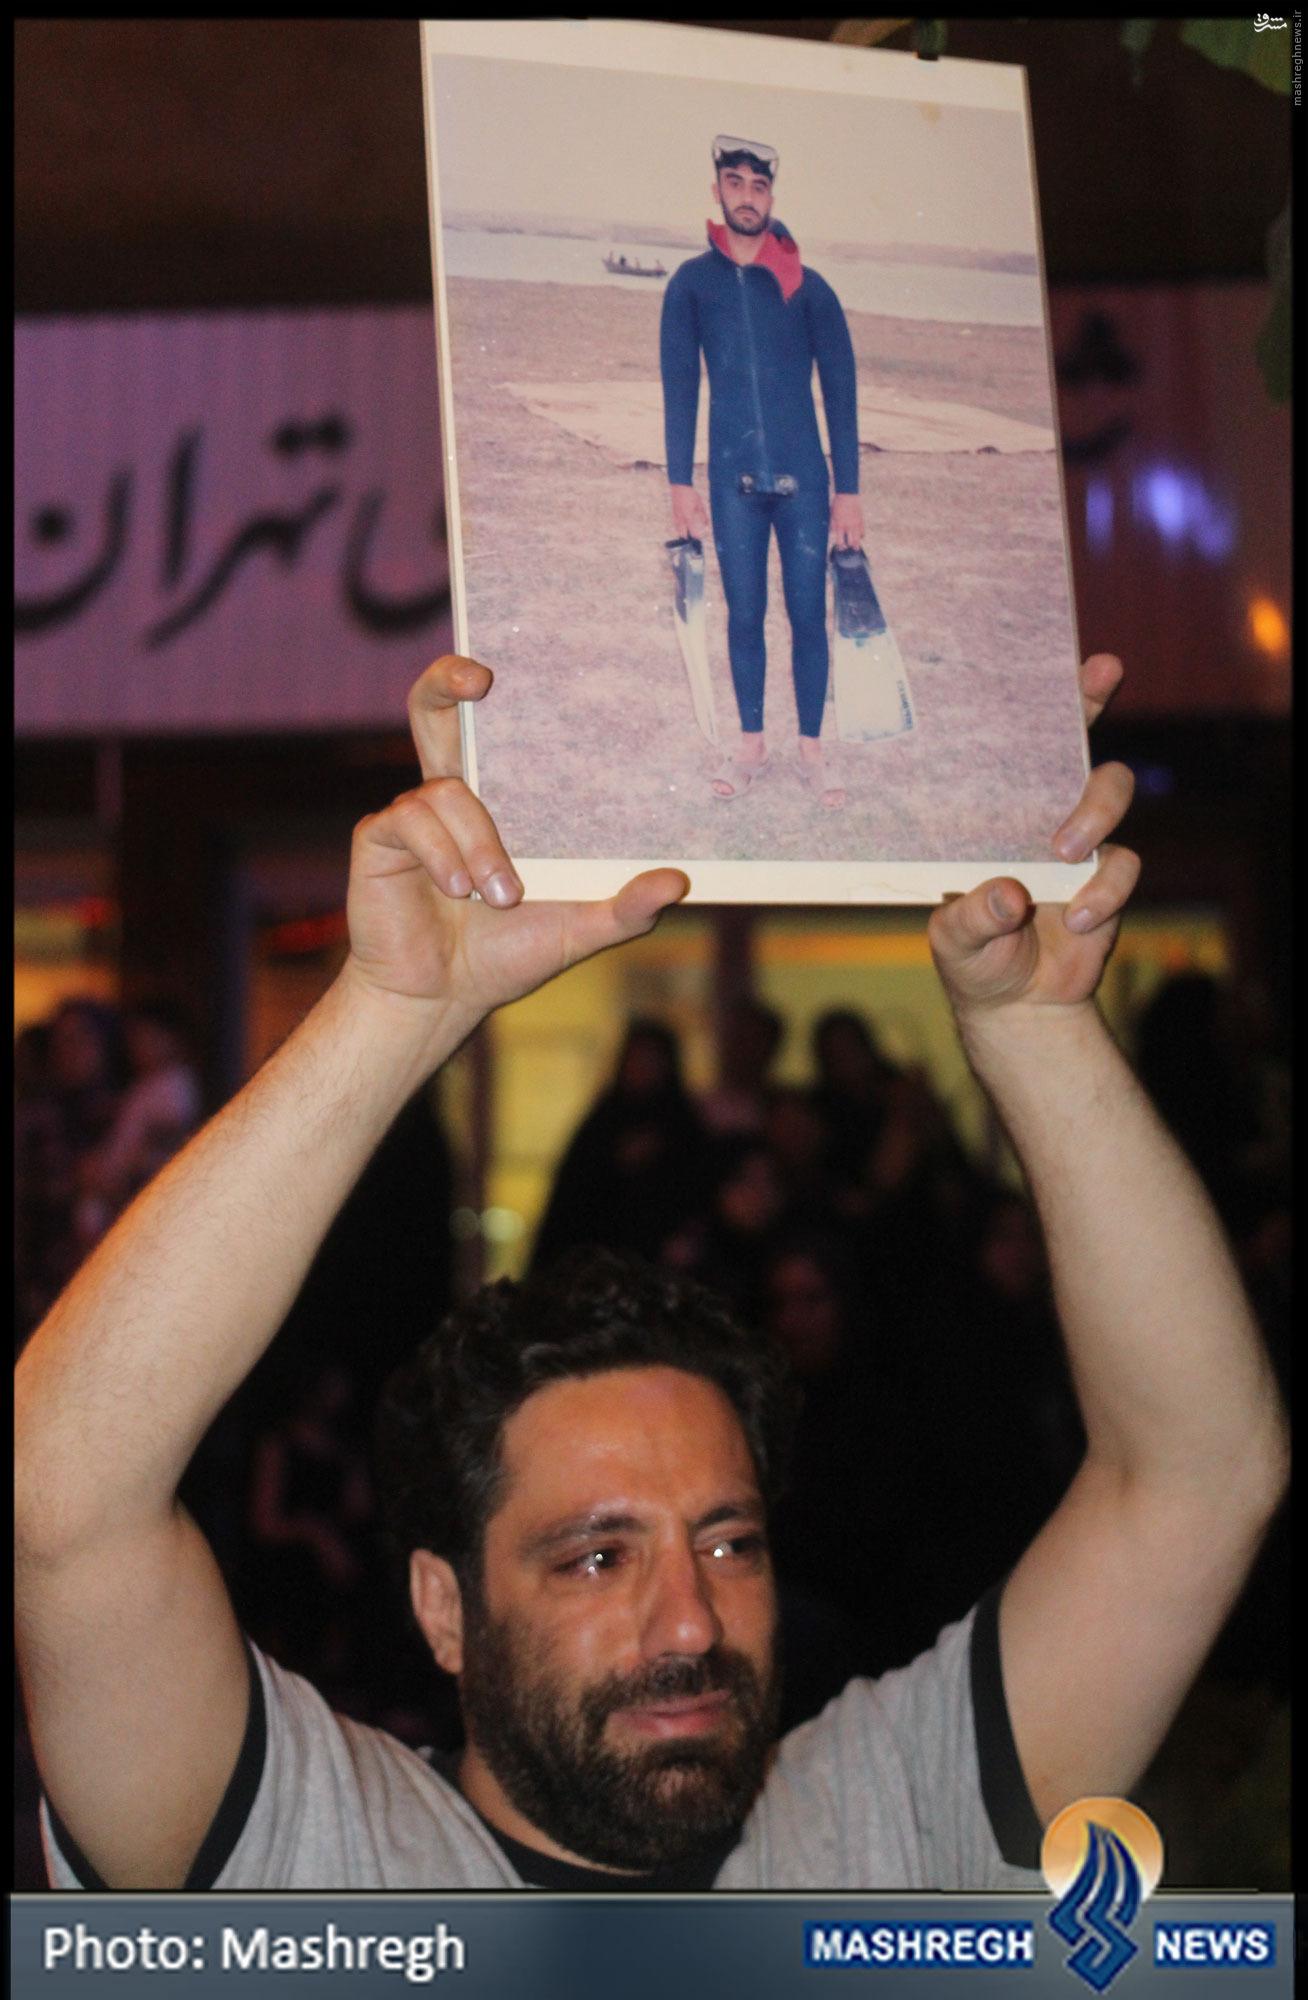 داستانی کوتاه در حاشیهی تشییع غواصان+عکس